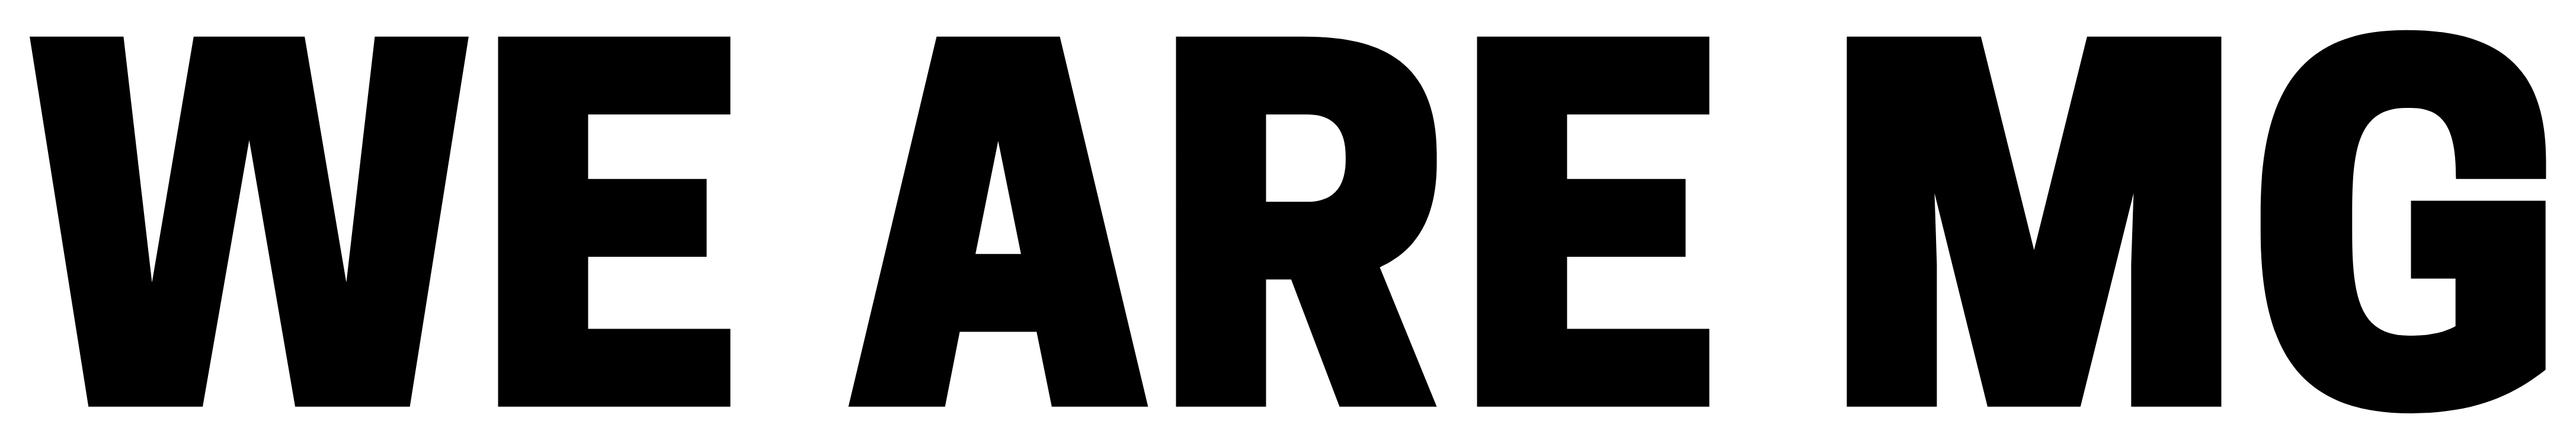 Logo We are MG - Malmö Game - @malmogame - malmogame.se